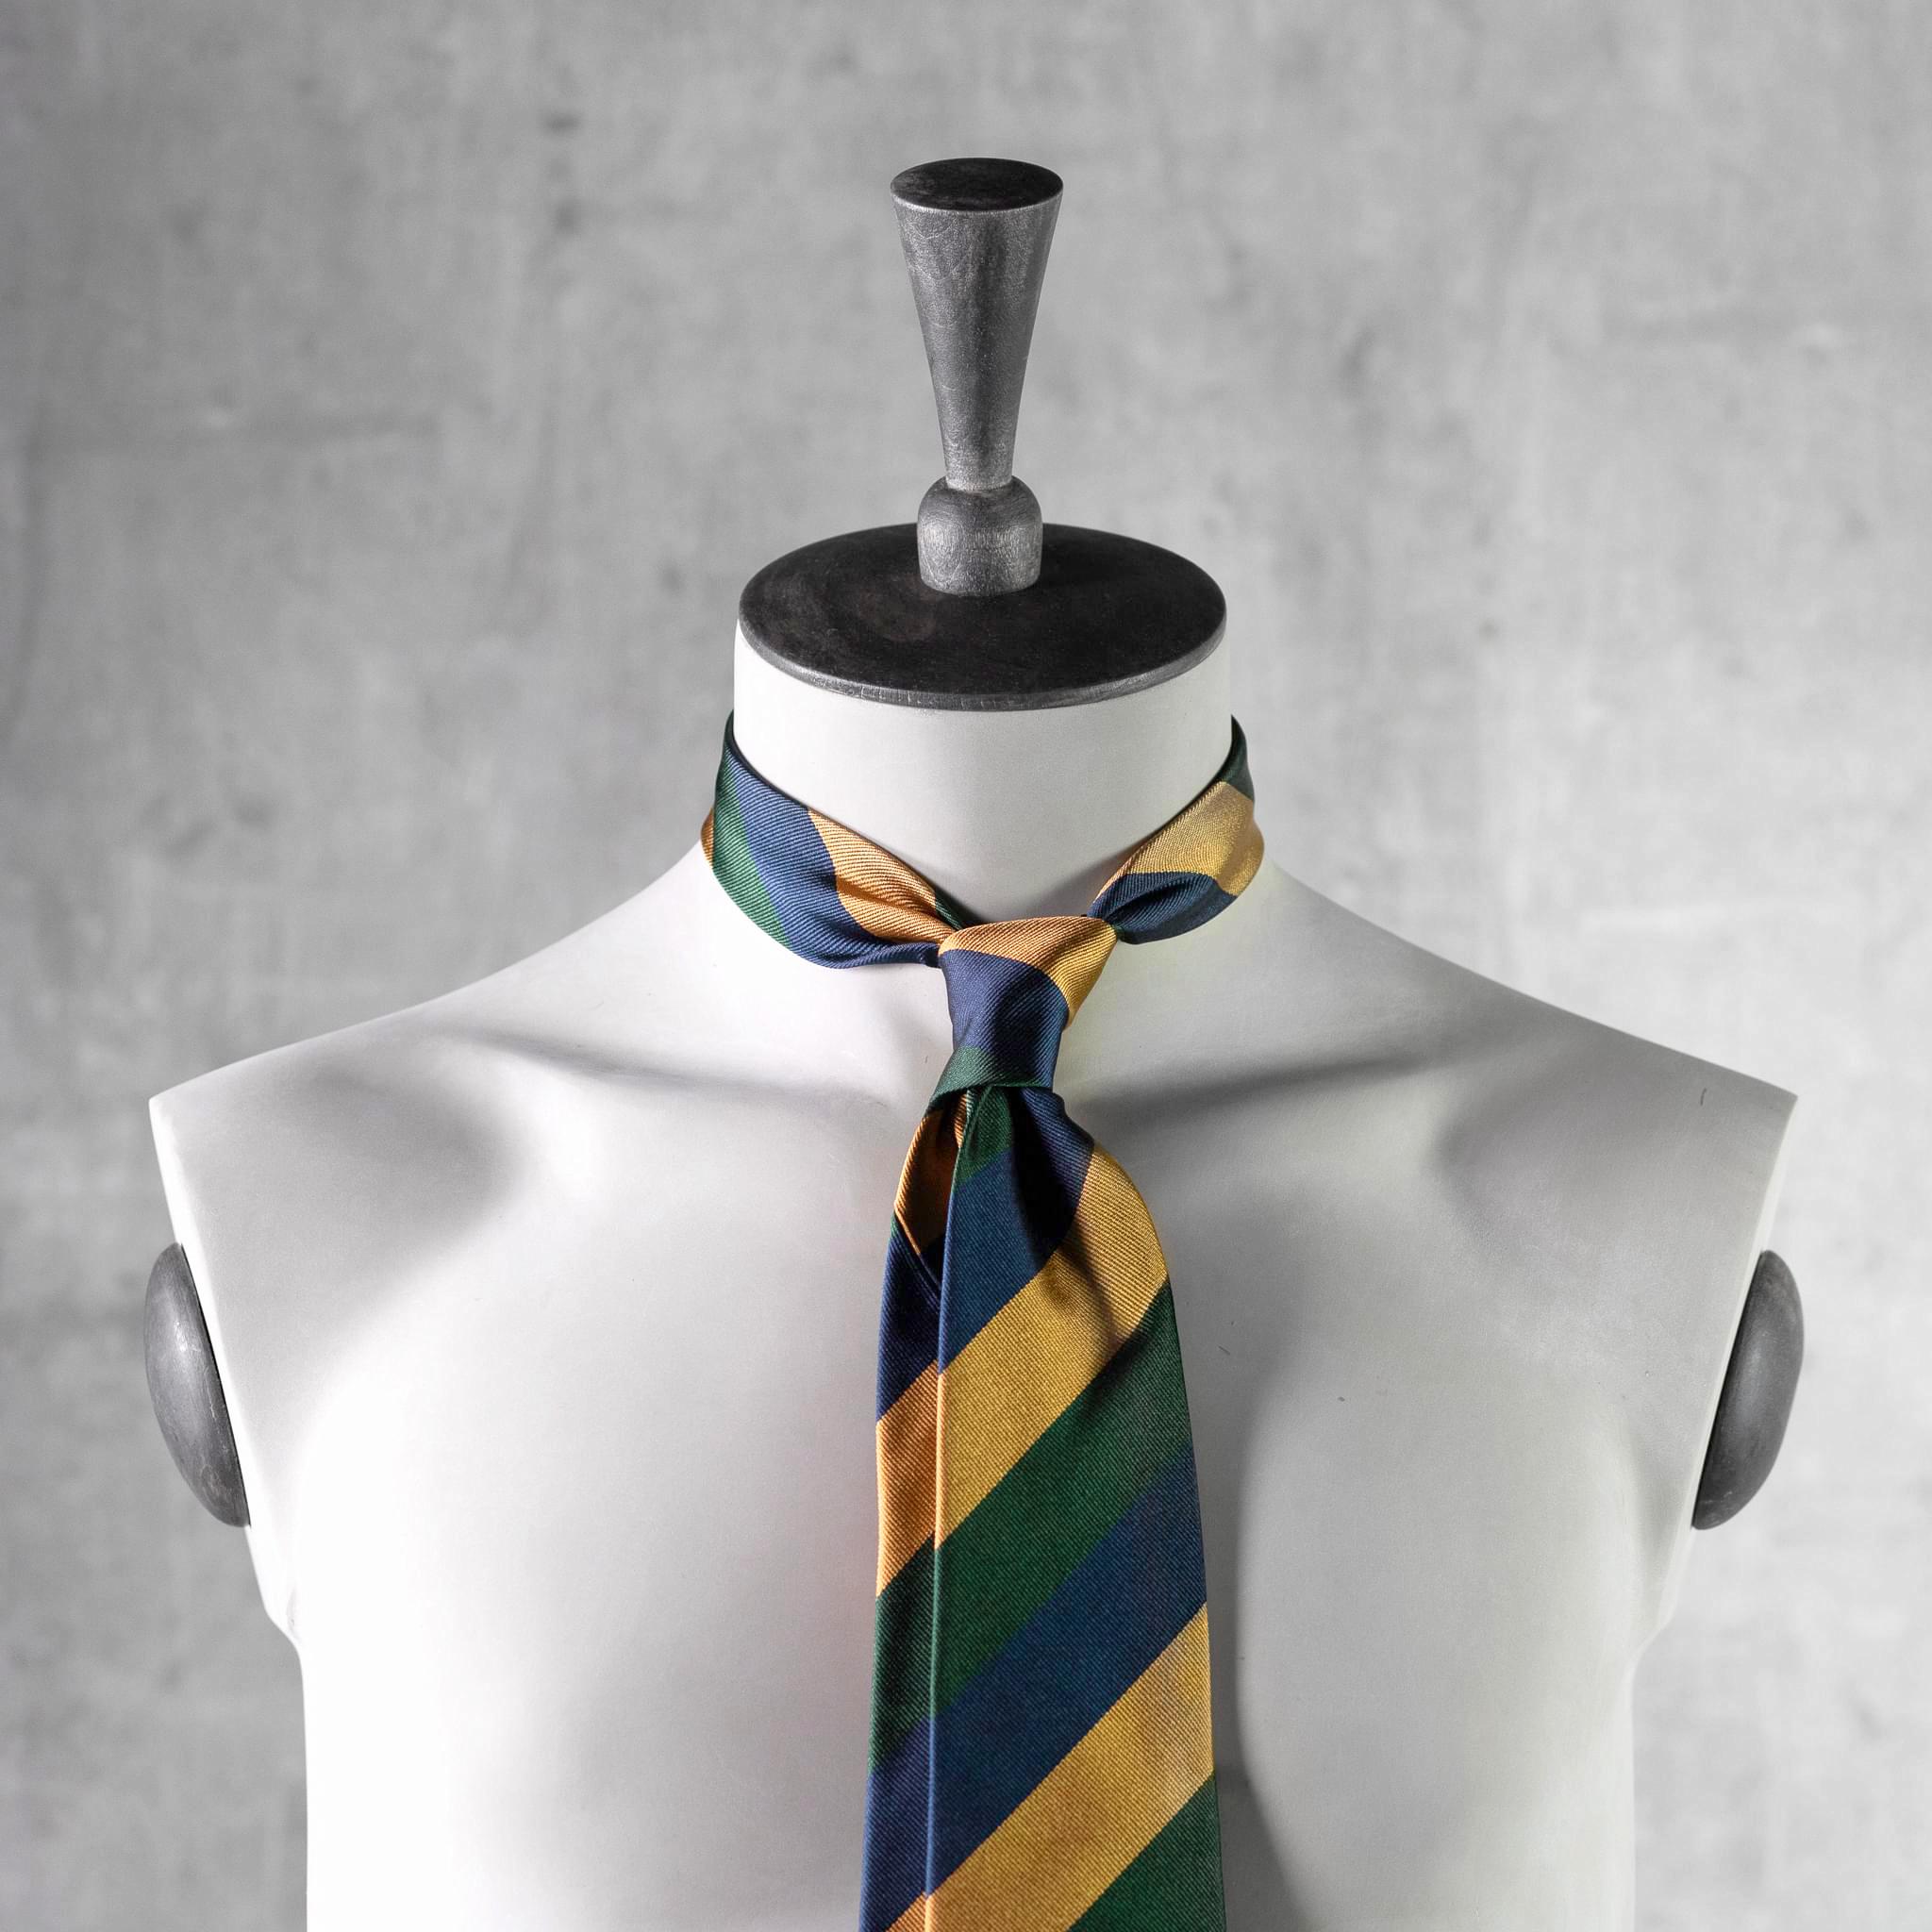 JACQUARD-0505-Tie-Initials-Corbata-Iniciales-The-Seelk-3